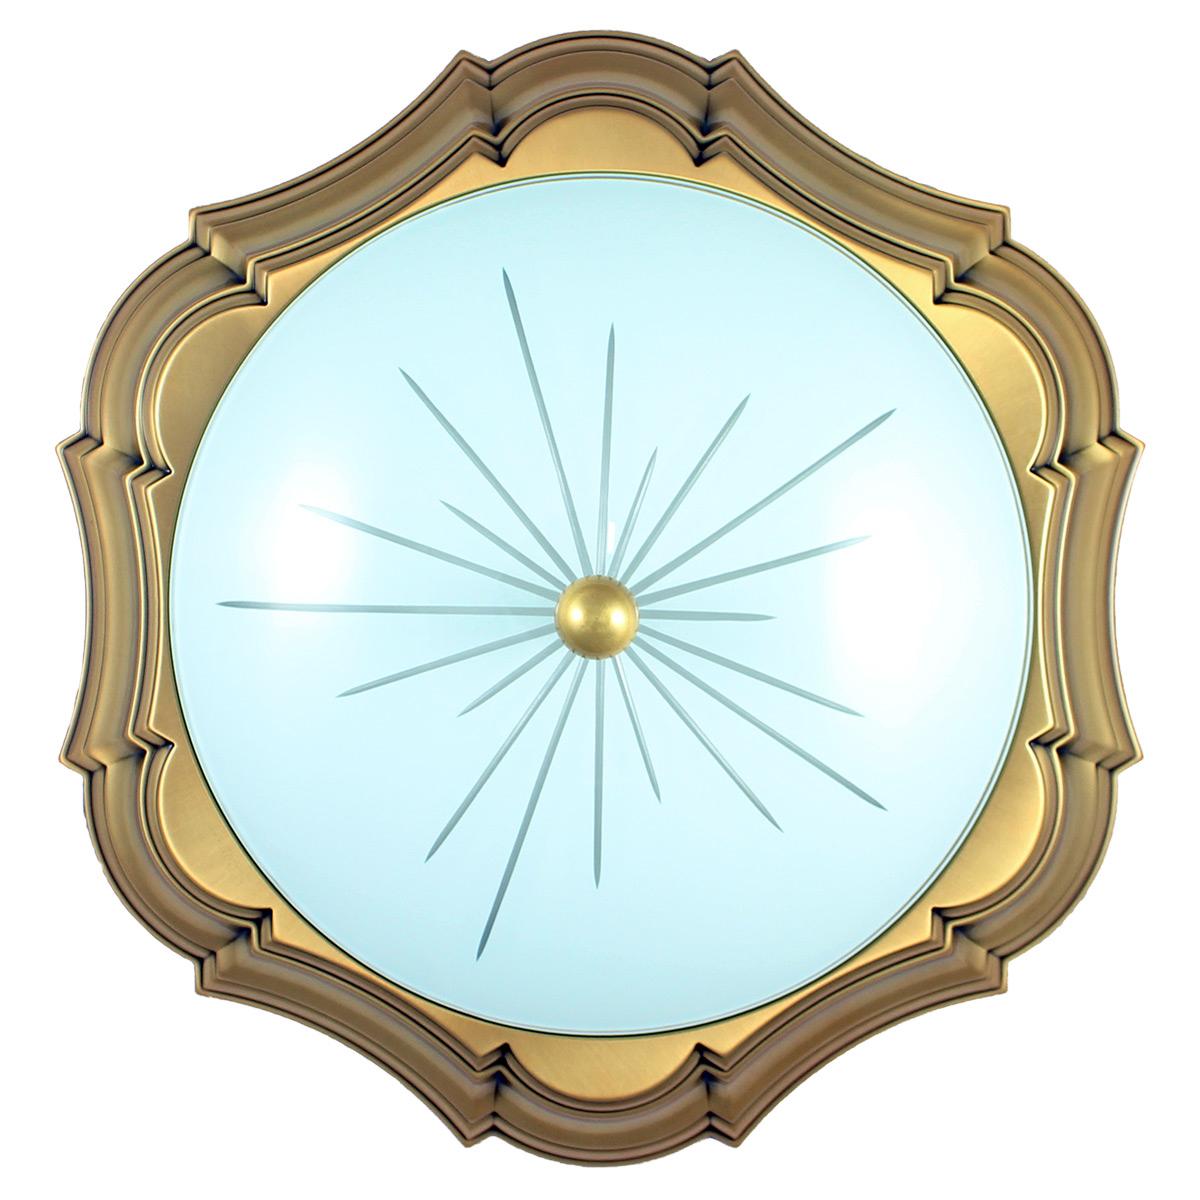 Изображение Plafoniera in bronzo - Stile classico - Diametro 40,5 cm